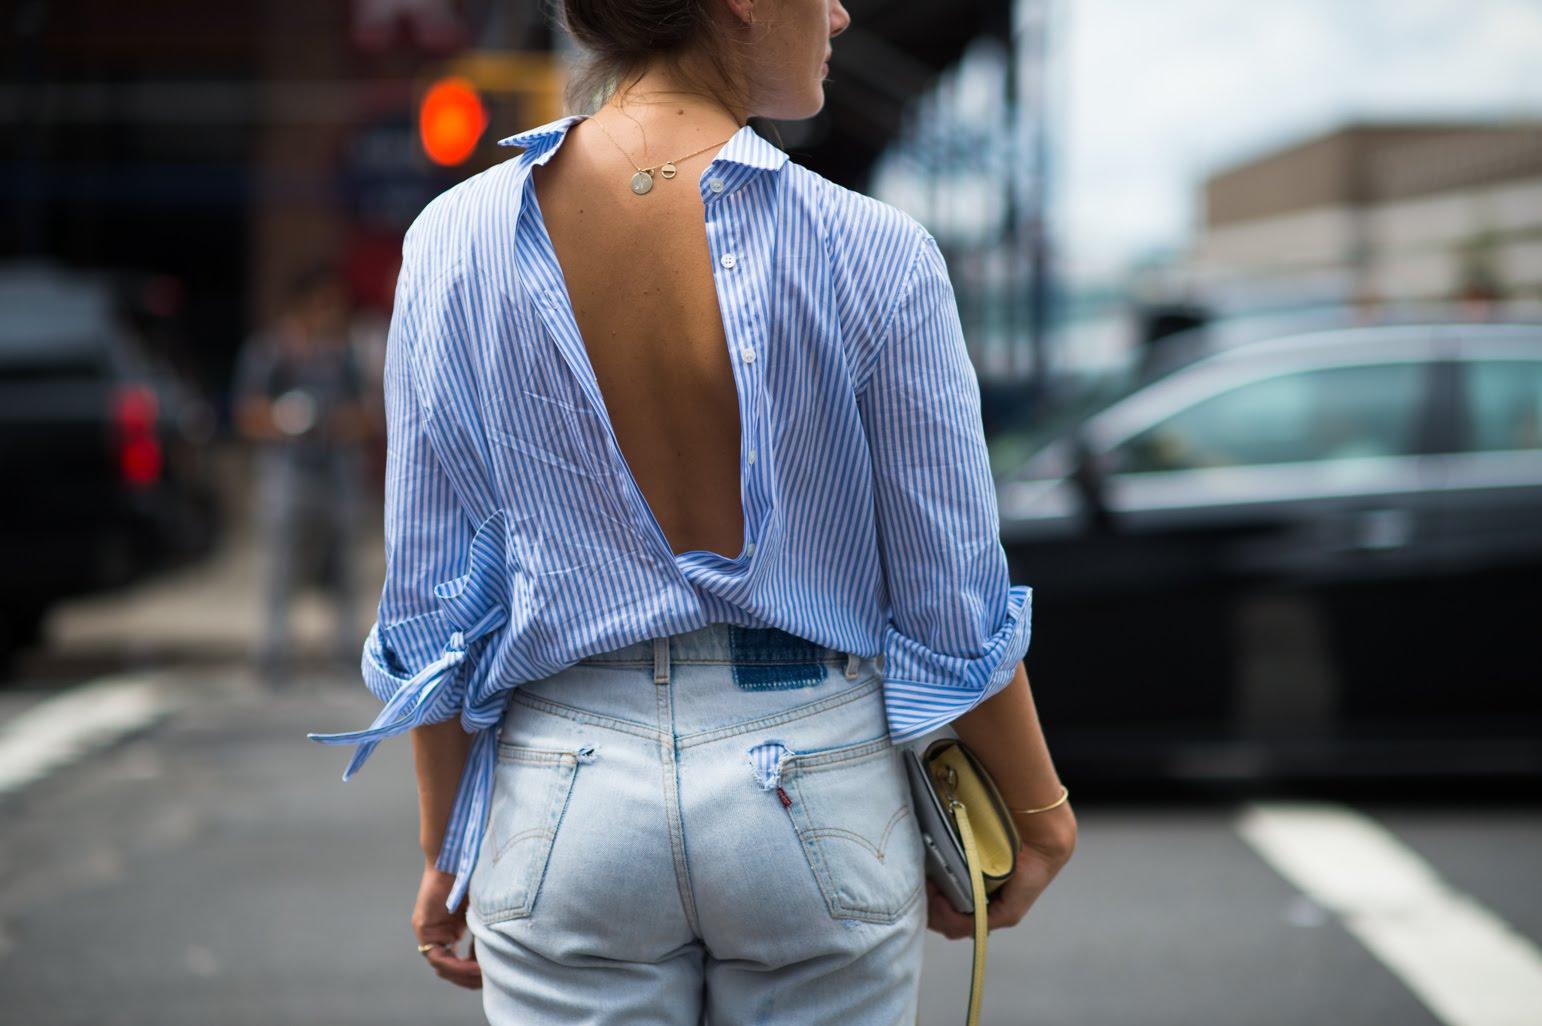 Одеть одежду наизнанку: примета и ее трактовка для разных типов вещей